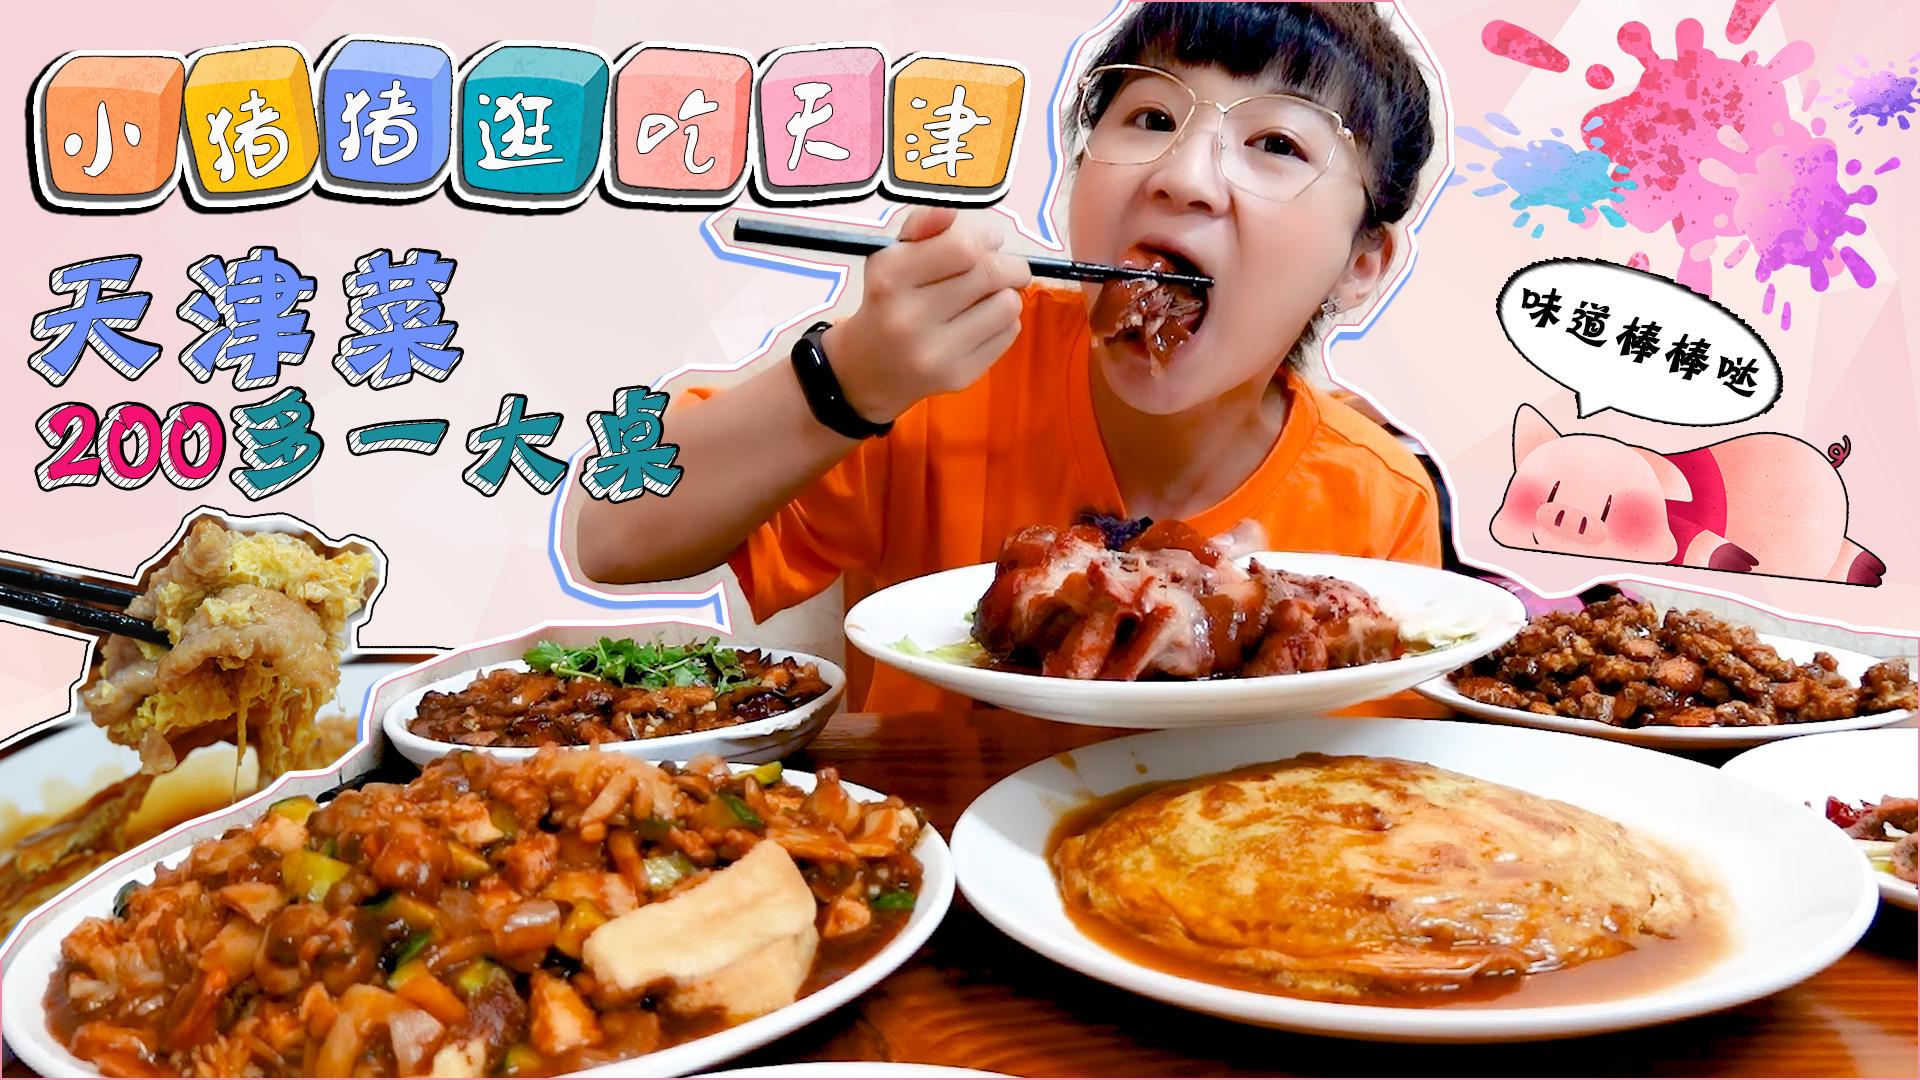 【小猪猪逛吃天津】200多吃一桌!锅塌里脊、八珍豆腐!真实惠